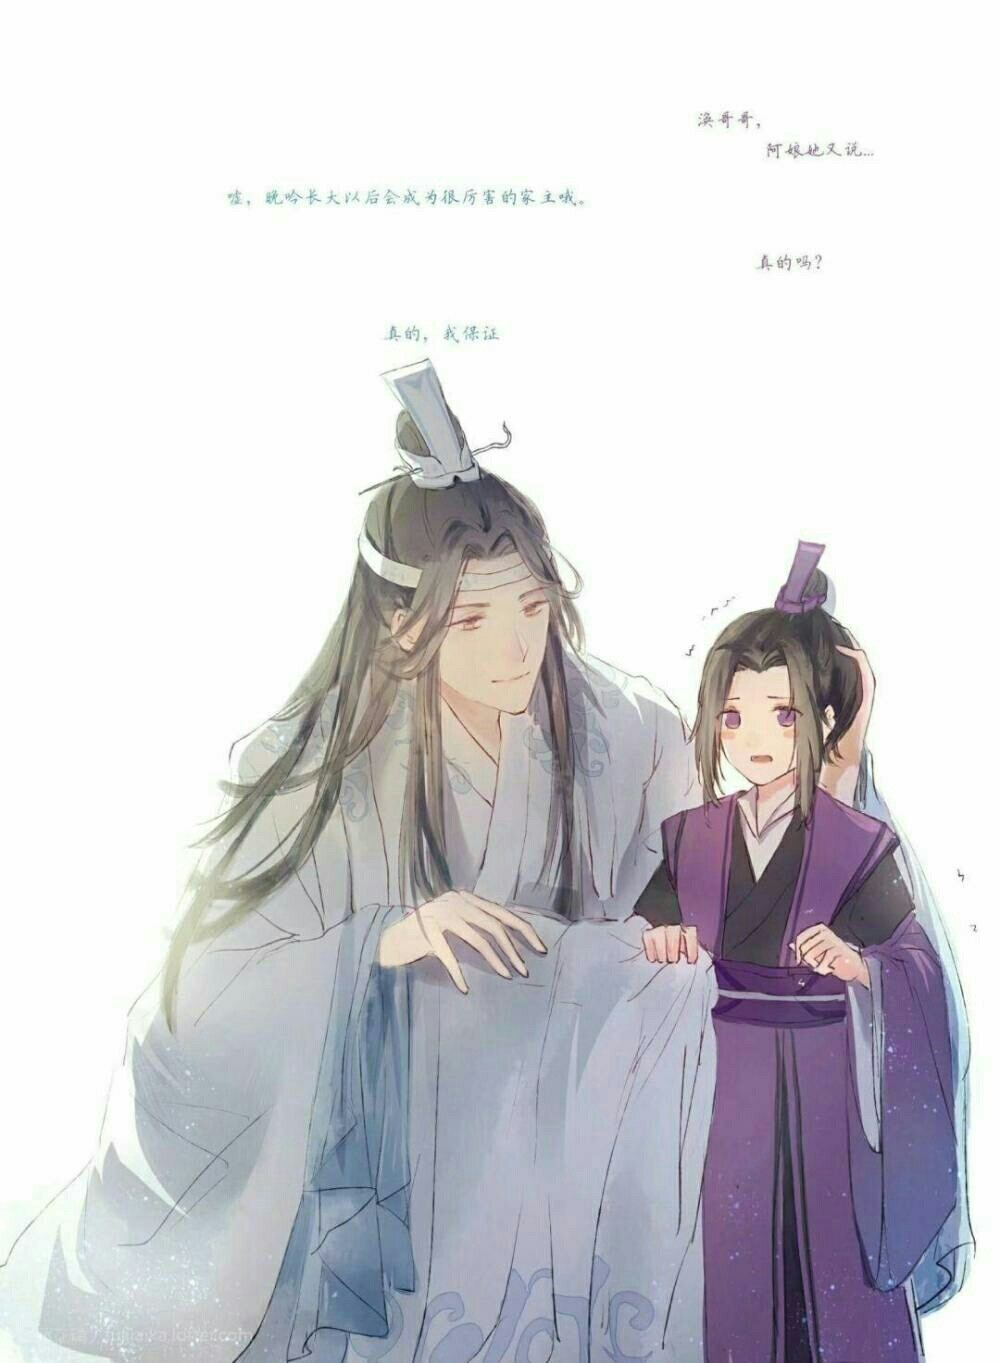 《魔道祖师》曦澄美图第一期